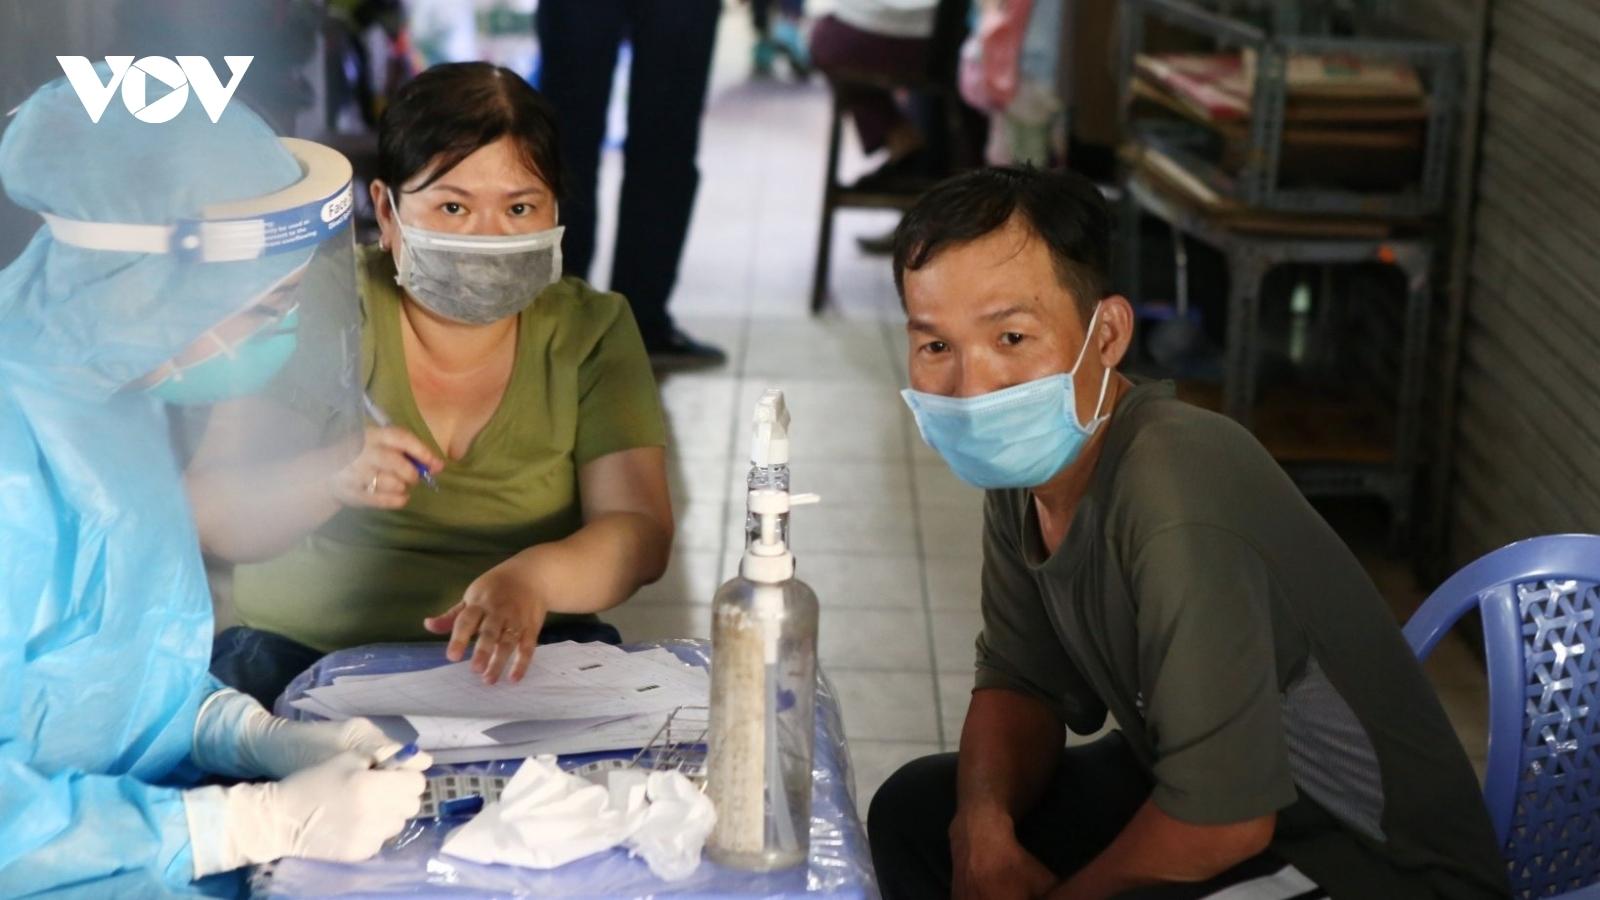 """Chương trình """"Vaccine tinh thần"""" hỗ trợ tâm lý người dân ảnh hưởng bởi Covid-19"""